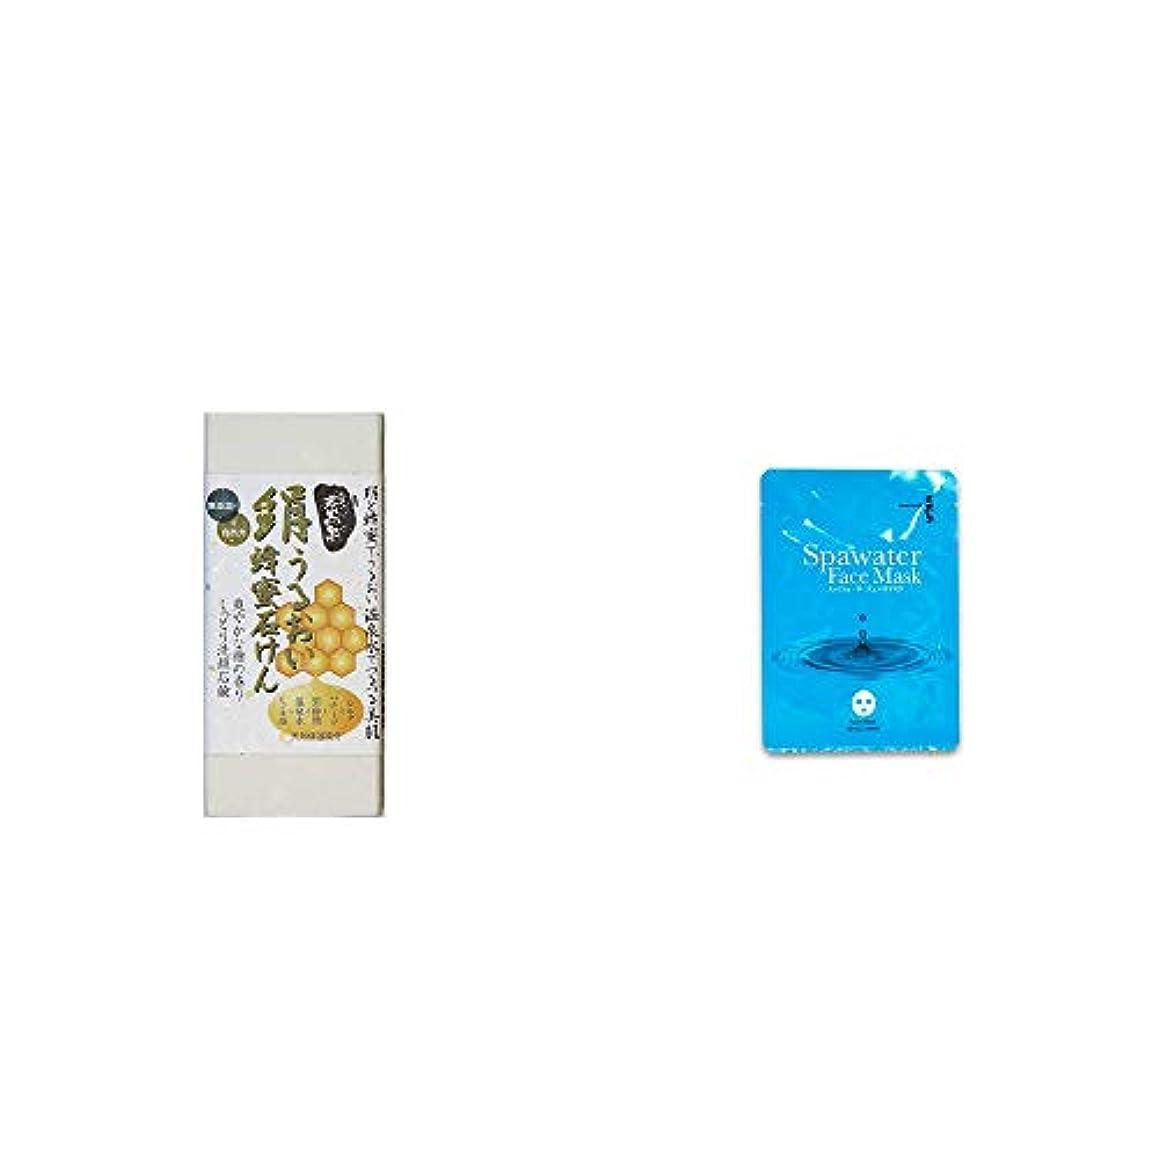 追放する満了楽な[2点セット] ひのき炭黒泉 絹うるおい蜂蜜石けん(75g×2)?ひのき炭黒泉 スパウォーターフェイスマスク(18ml×3枚入)